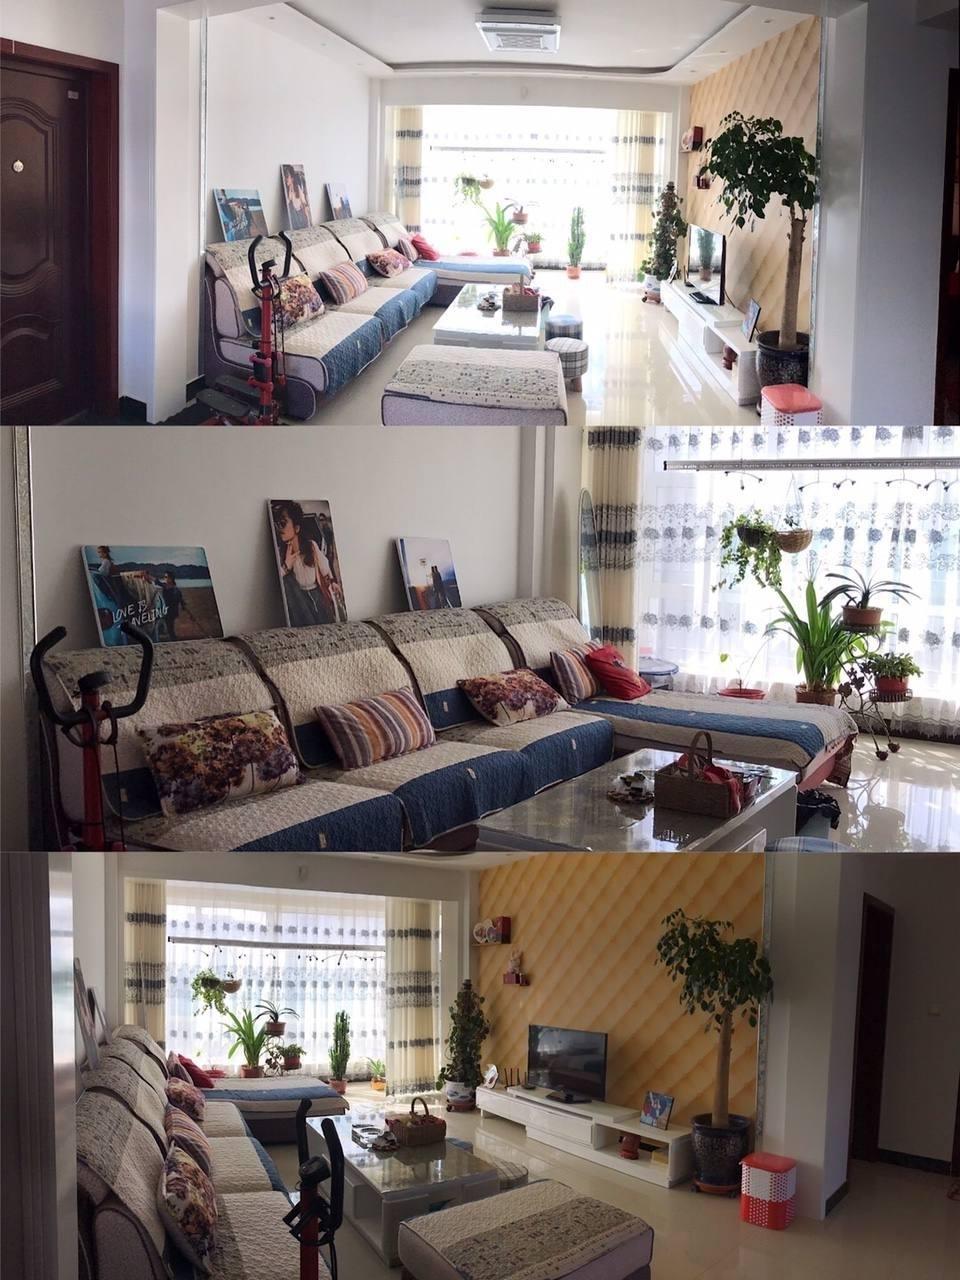 明珠山水郡带阁楼3室 2厅 1卫49.5万元